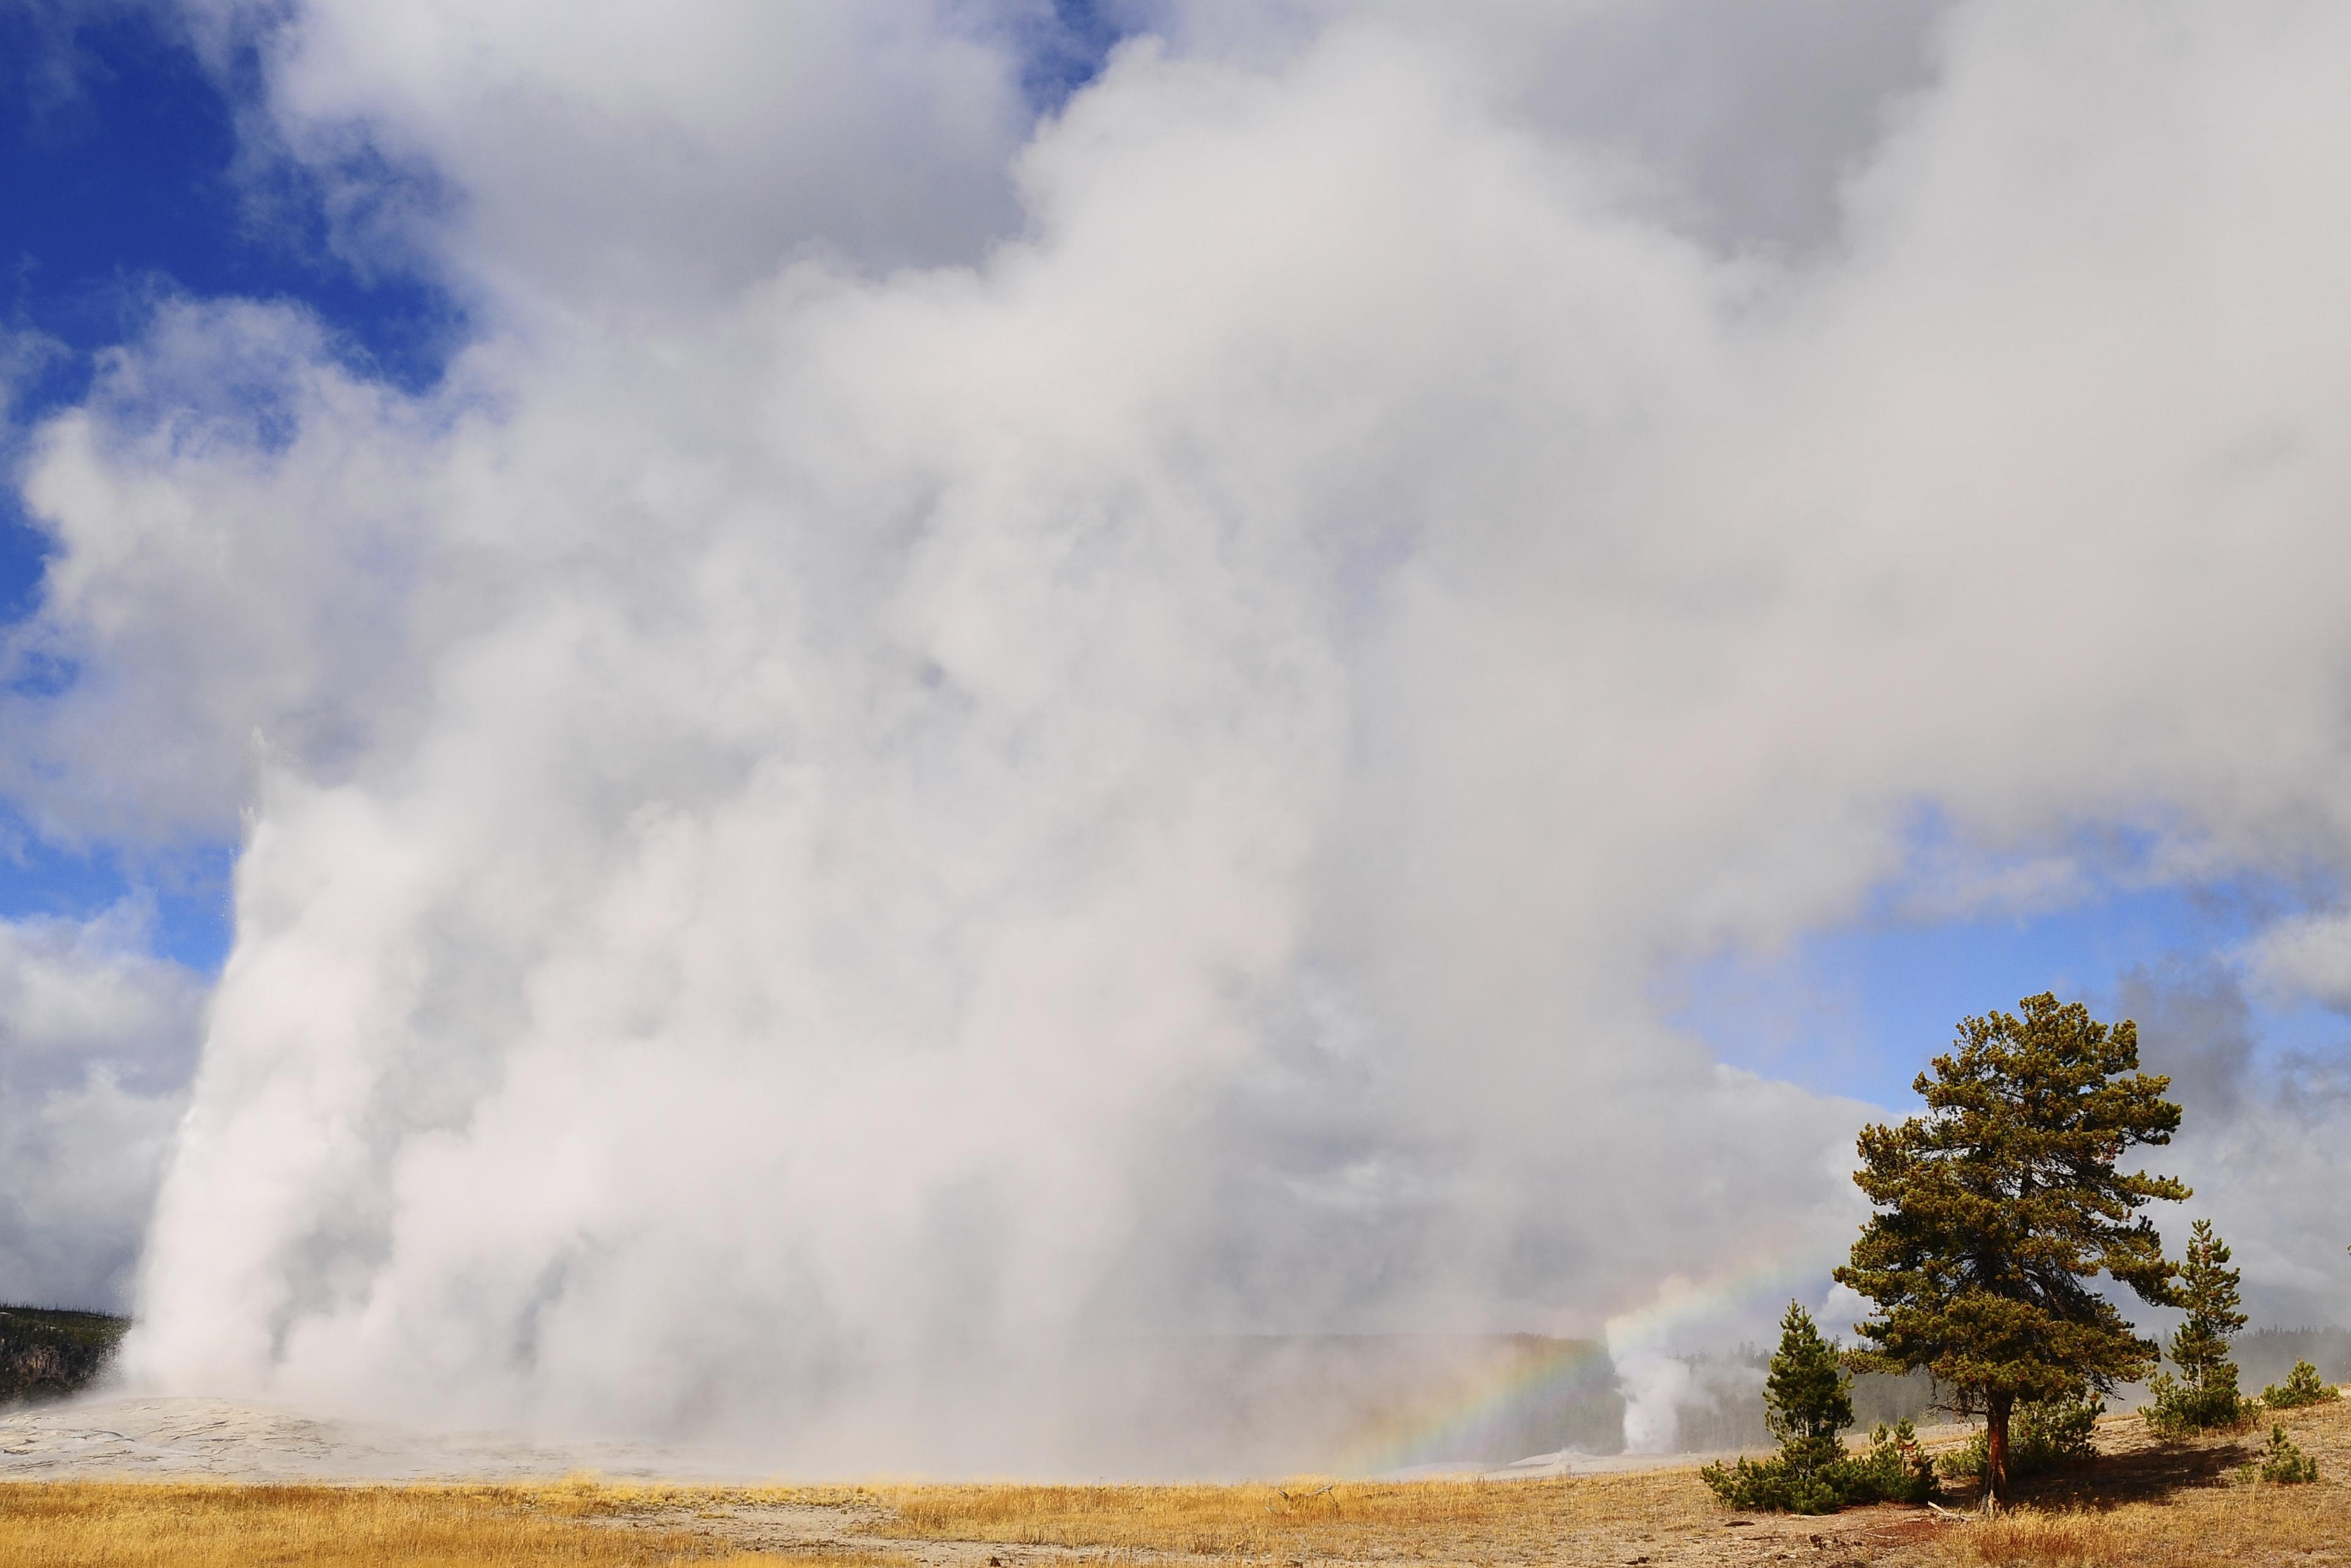 Old Faithful geyser, Montana's Yellowstone National Park